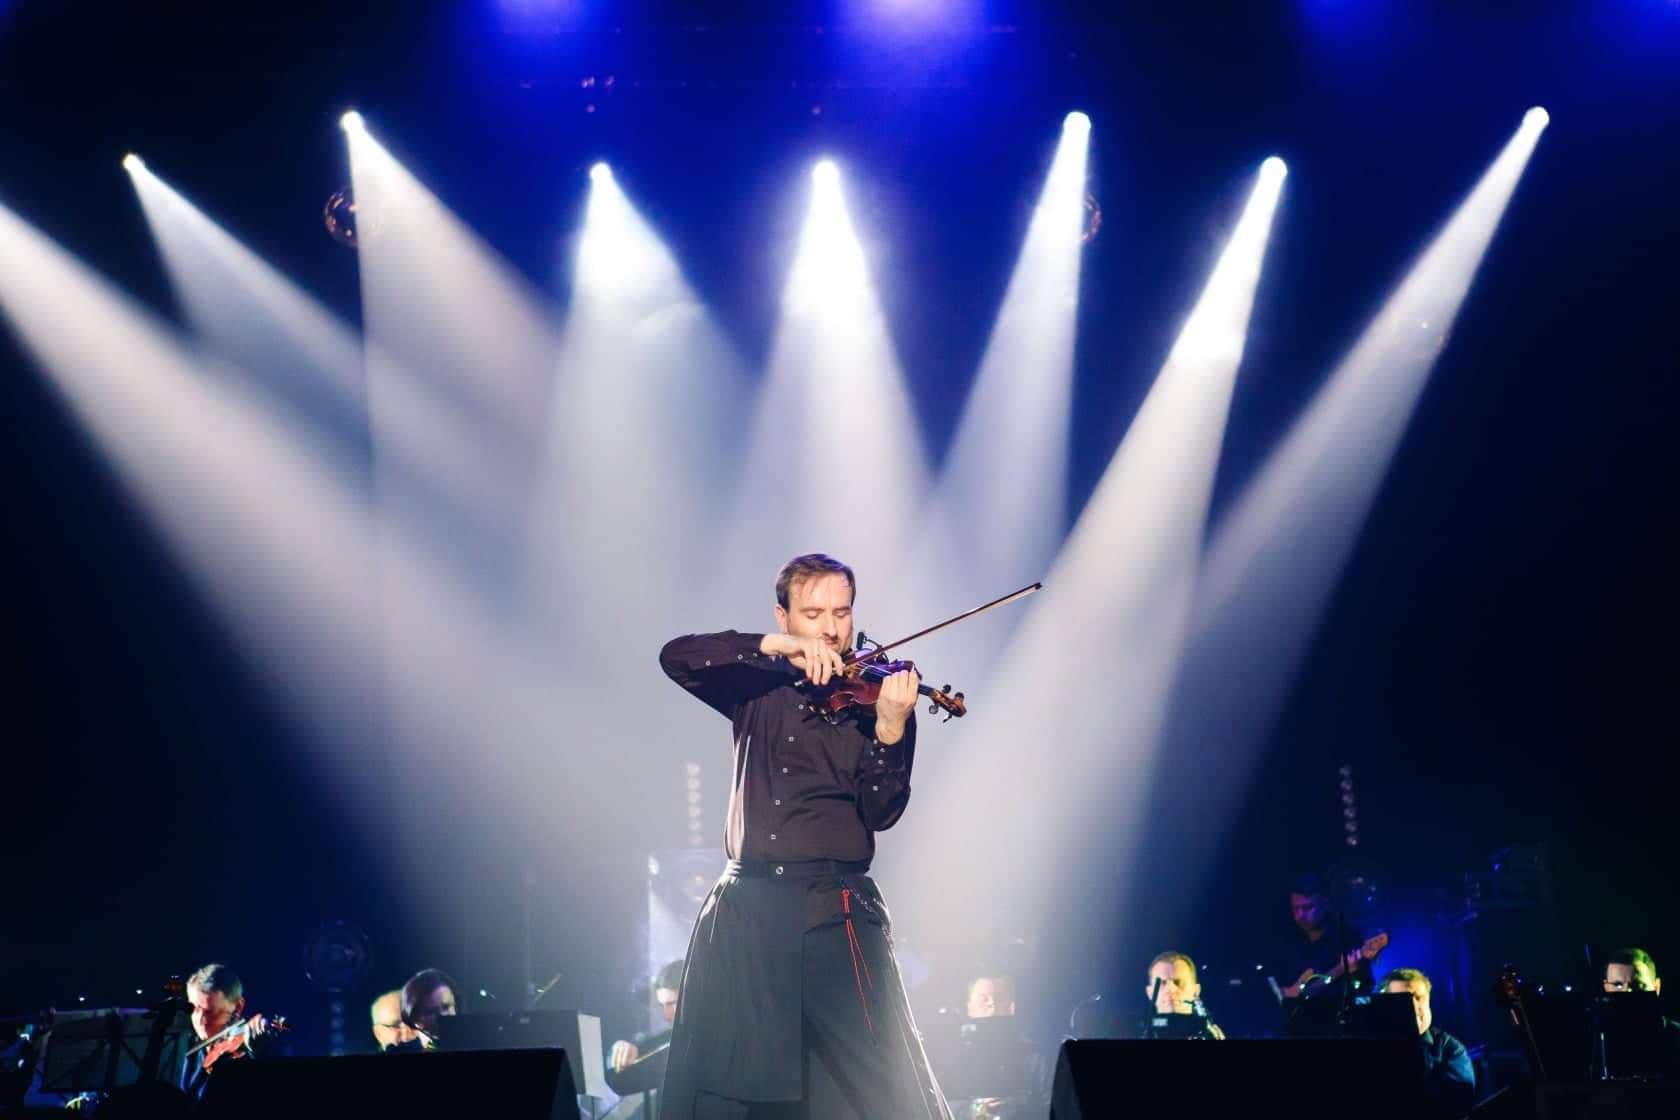 Франківців запрошують на концерт відомого скрипаля-віртуоза (ФОТО, ВІДЕО)